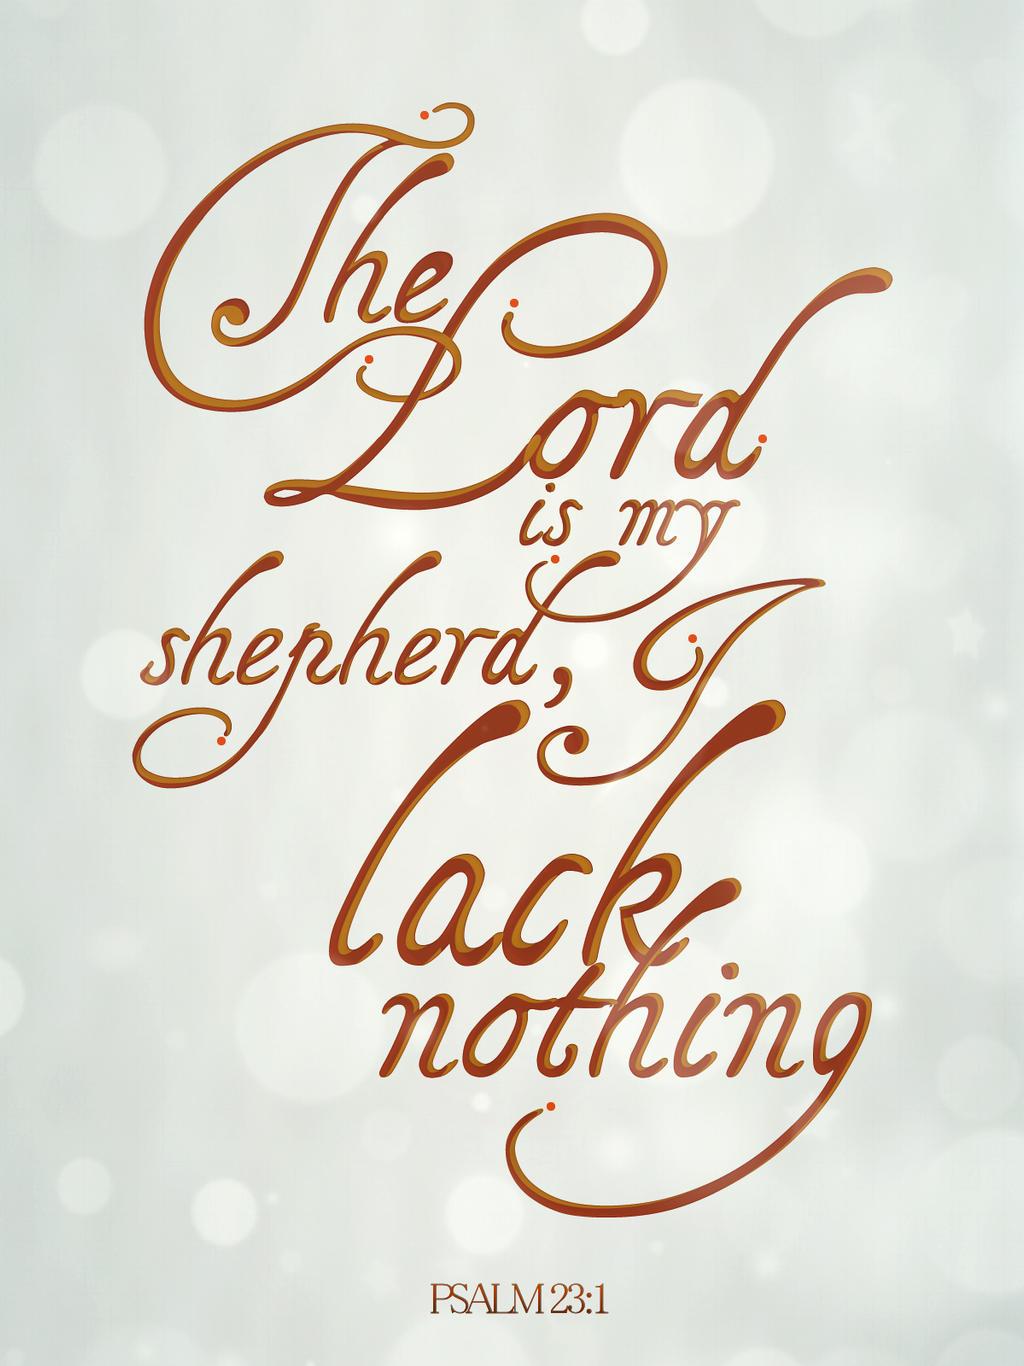 Psalm 23:1 - Poster by mostpato on DeviantArt  Psalm 23:1 - Po...